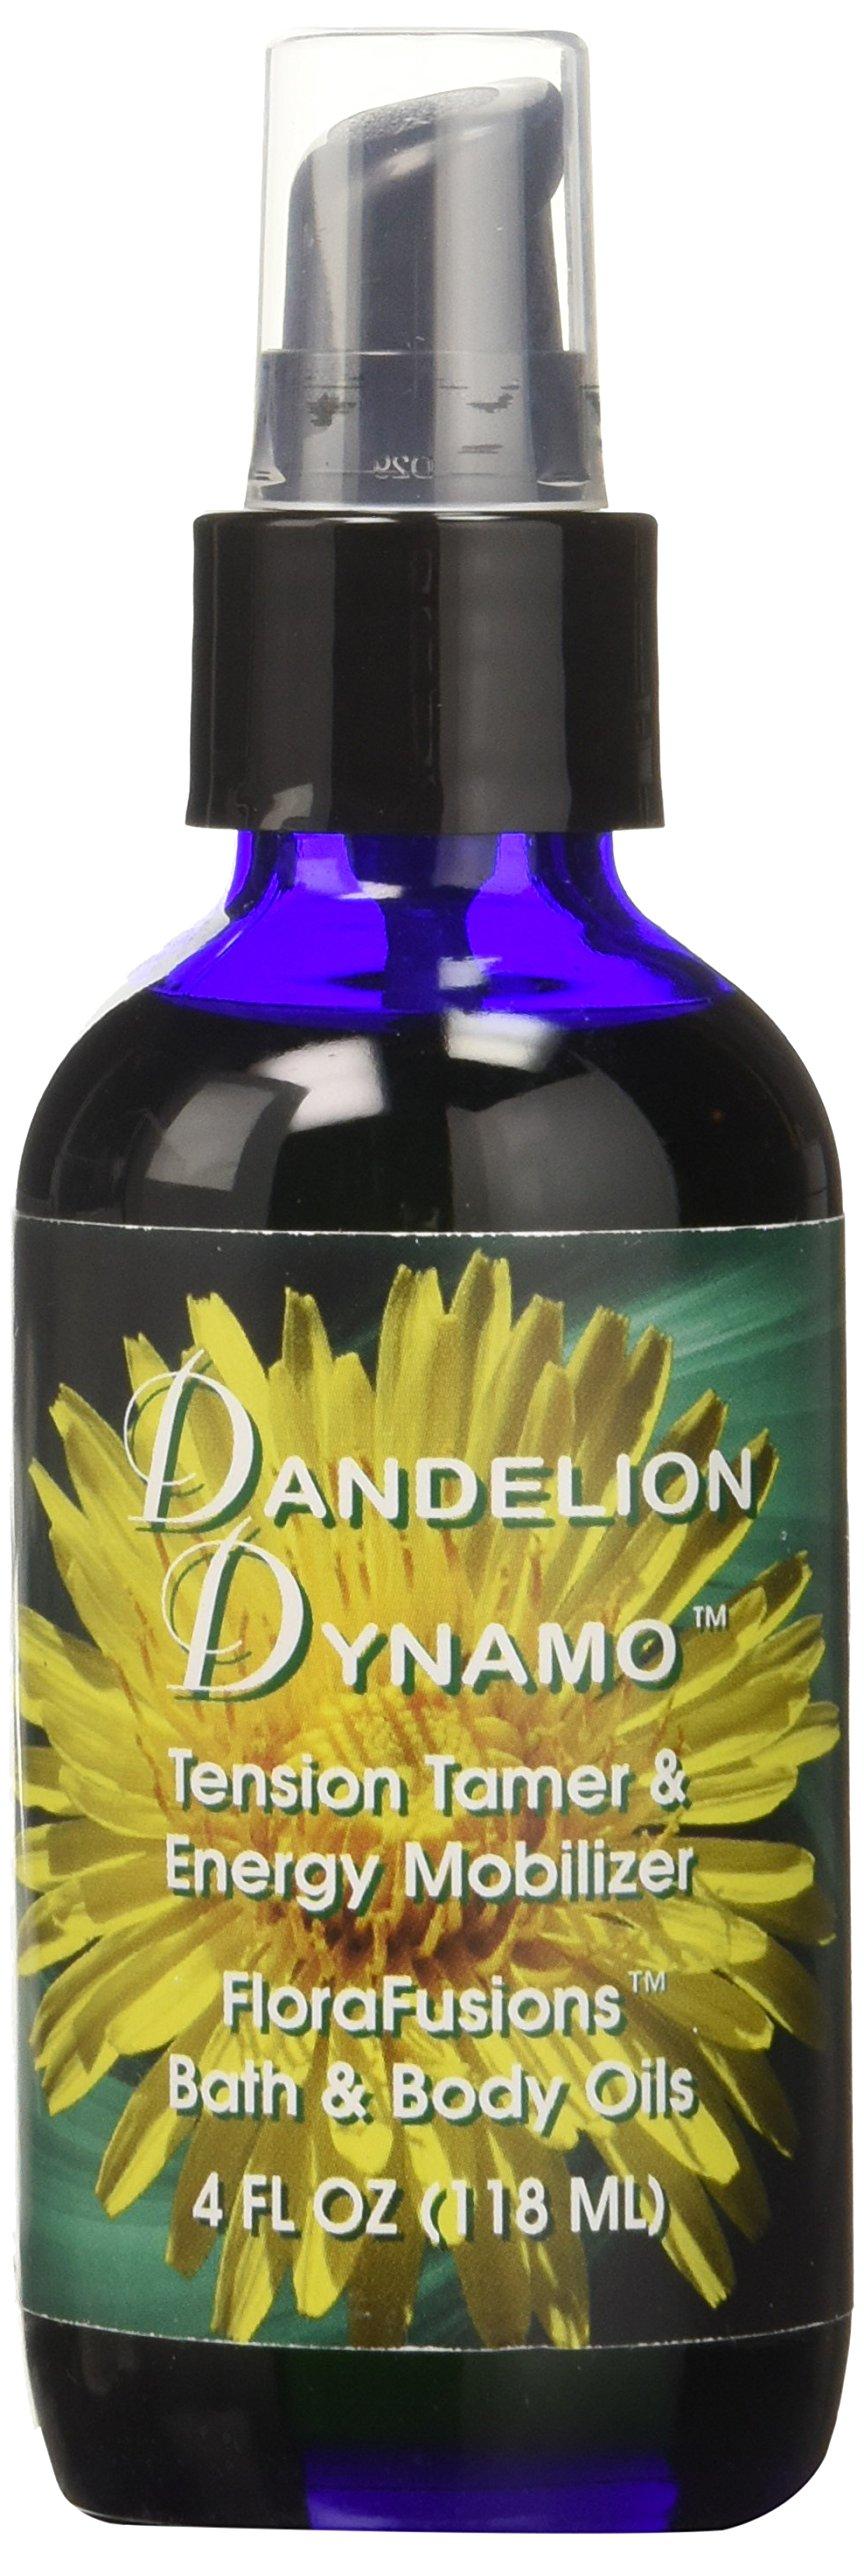 Flower Essence Services Dandelion Dynamo Pump Top, 4 Ounce by Flower Essence Services